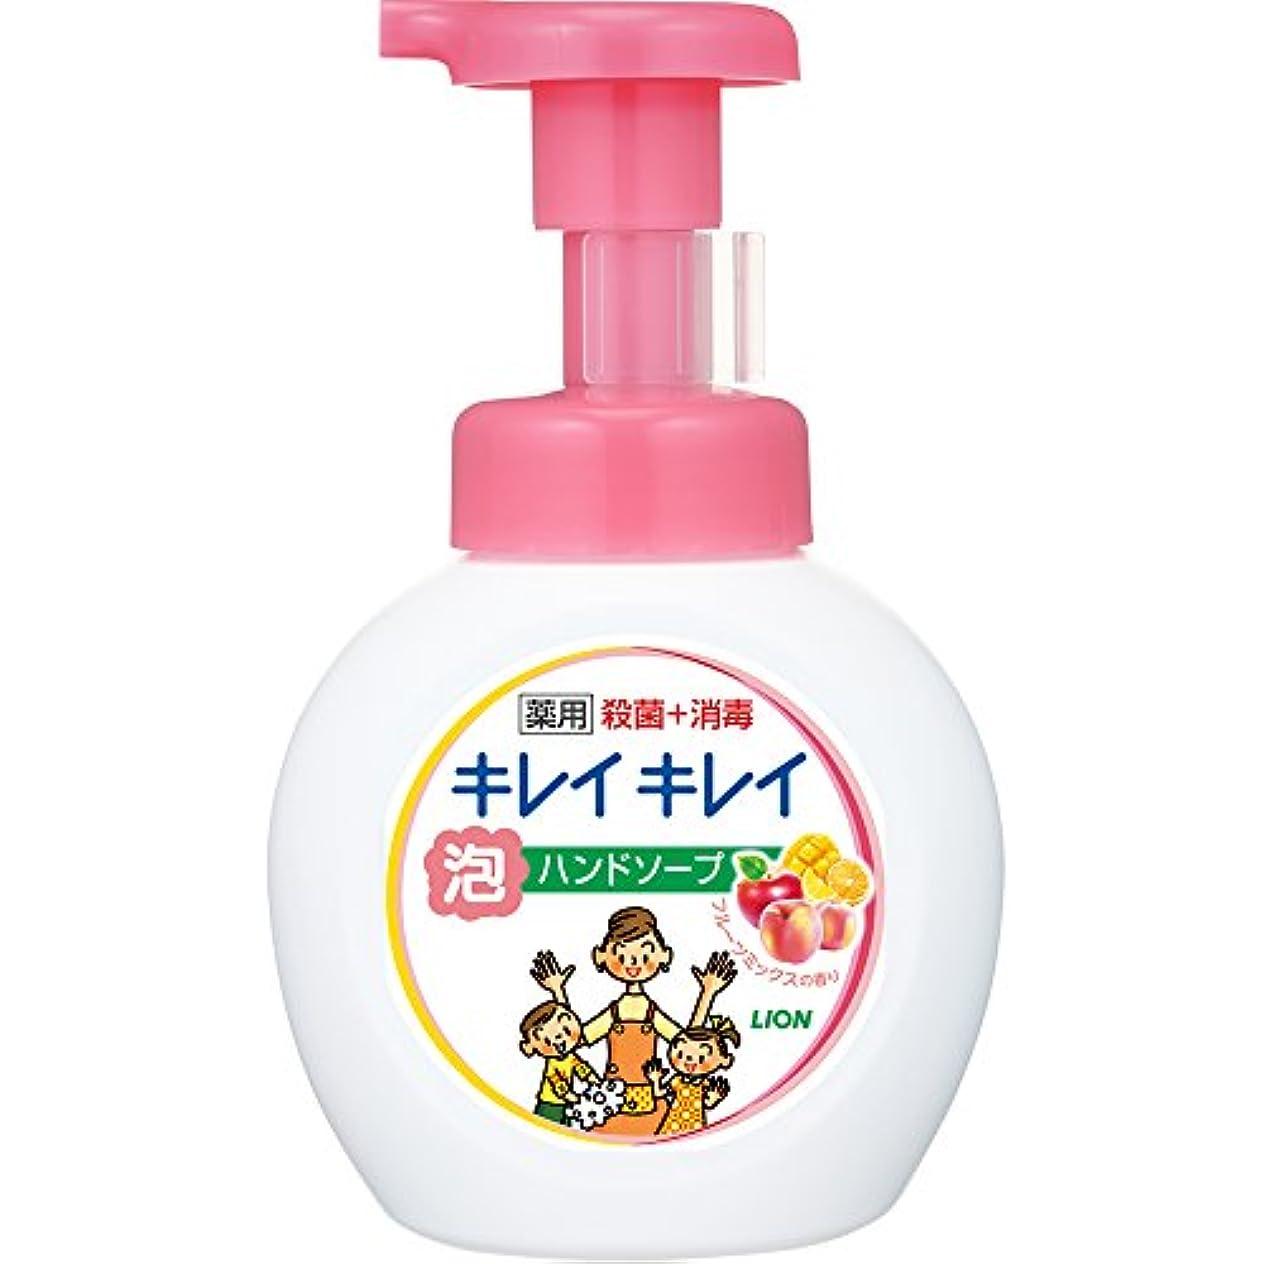 恥ずかしさマウント傑出したキレイキレイ 薬用 泡ハンドソープ フルーツミックスの香り ポンプ 250ml(医薬部外品)